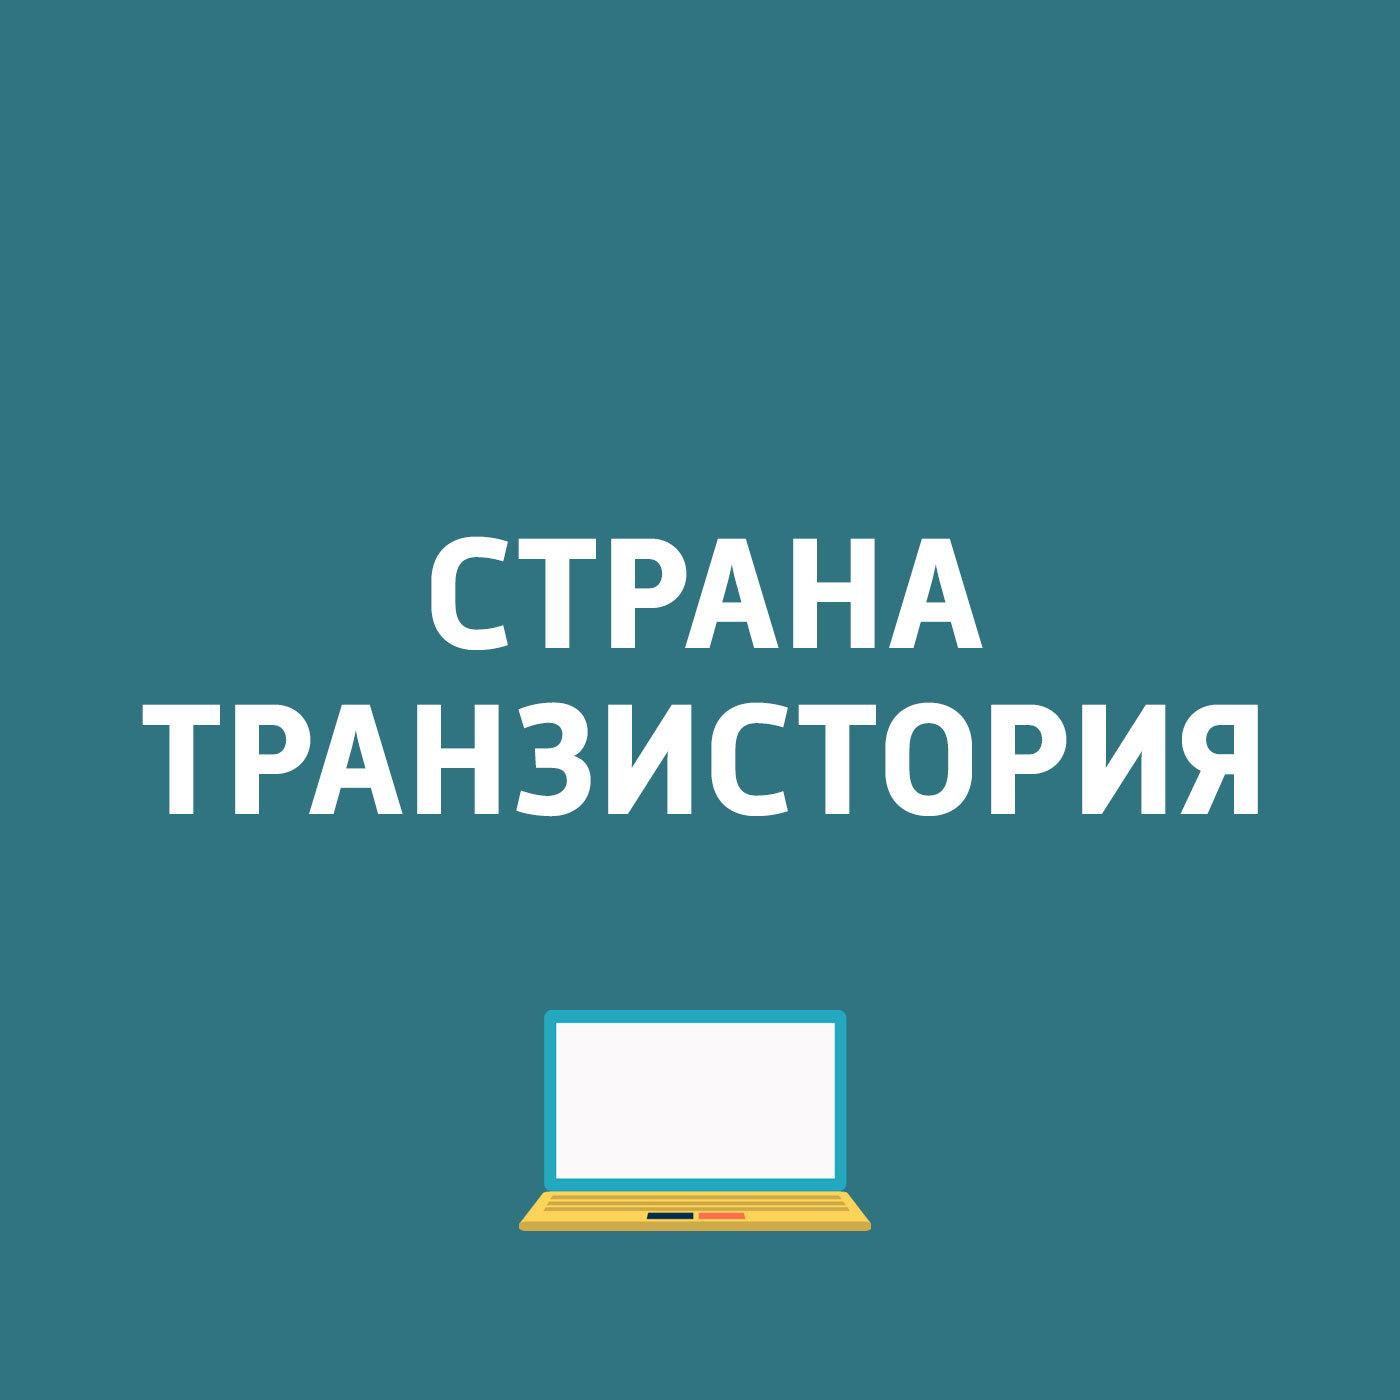 Картаев Павел Sony Xperia XA Ultra; iOS 9.3.2 превращает iPad Pro в кирпич; Платное ТВ в России смотрят 39,5 млн все цены